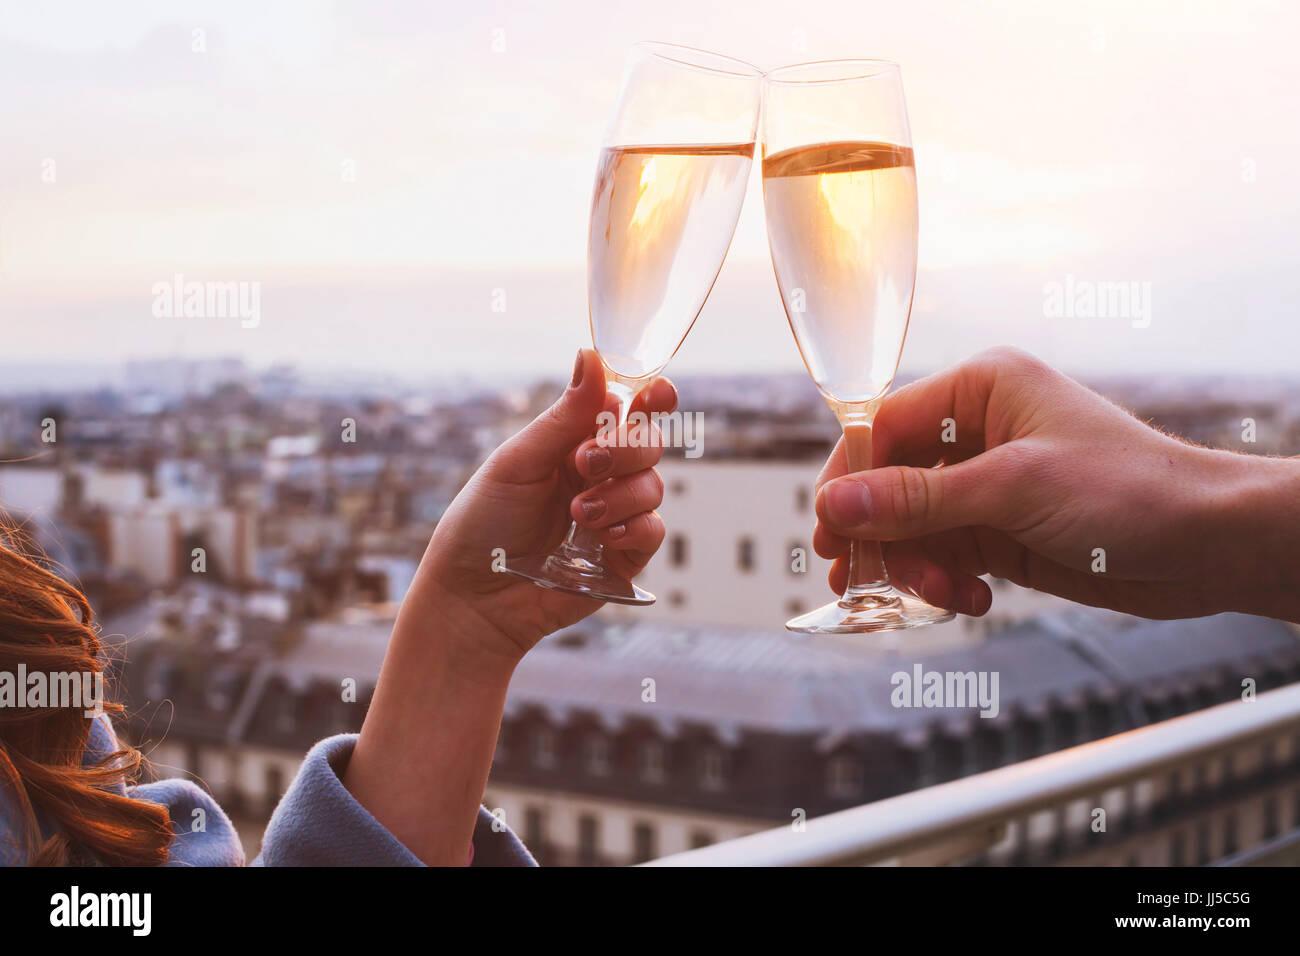 Dos copas de champaña o vino, pareja dating concepto romántico, celebración de compromiso o aniversario Imagen De Stock